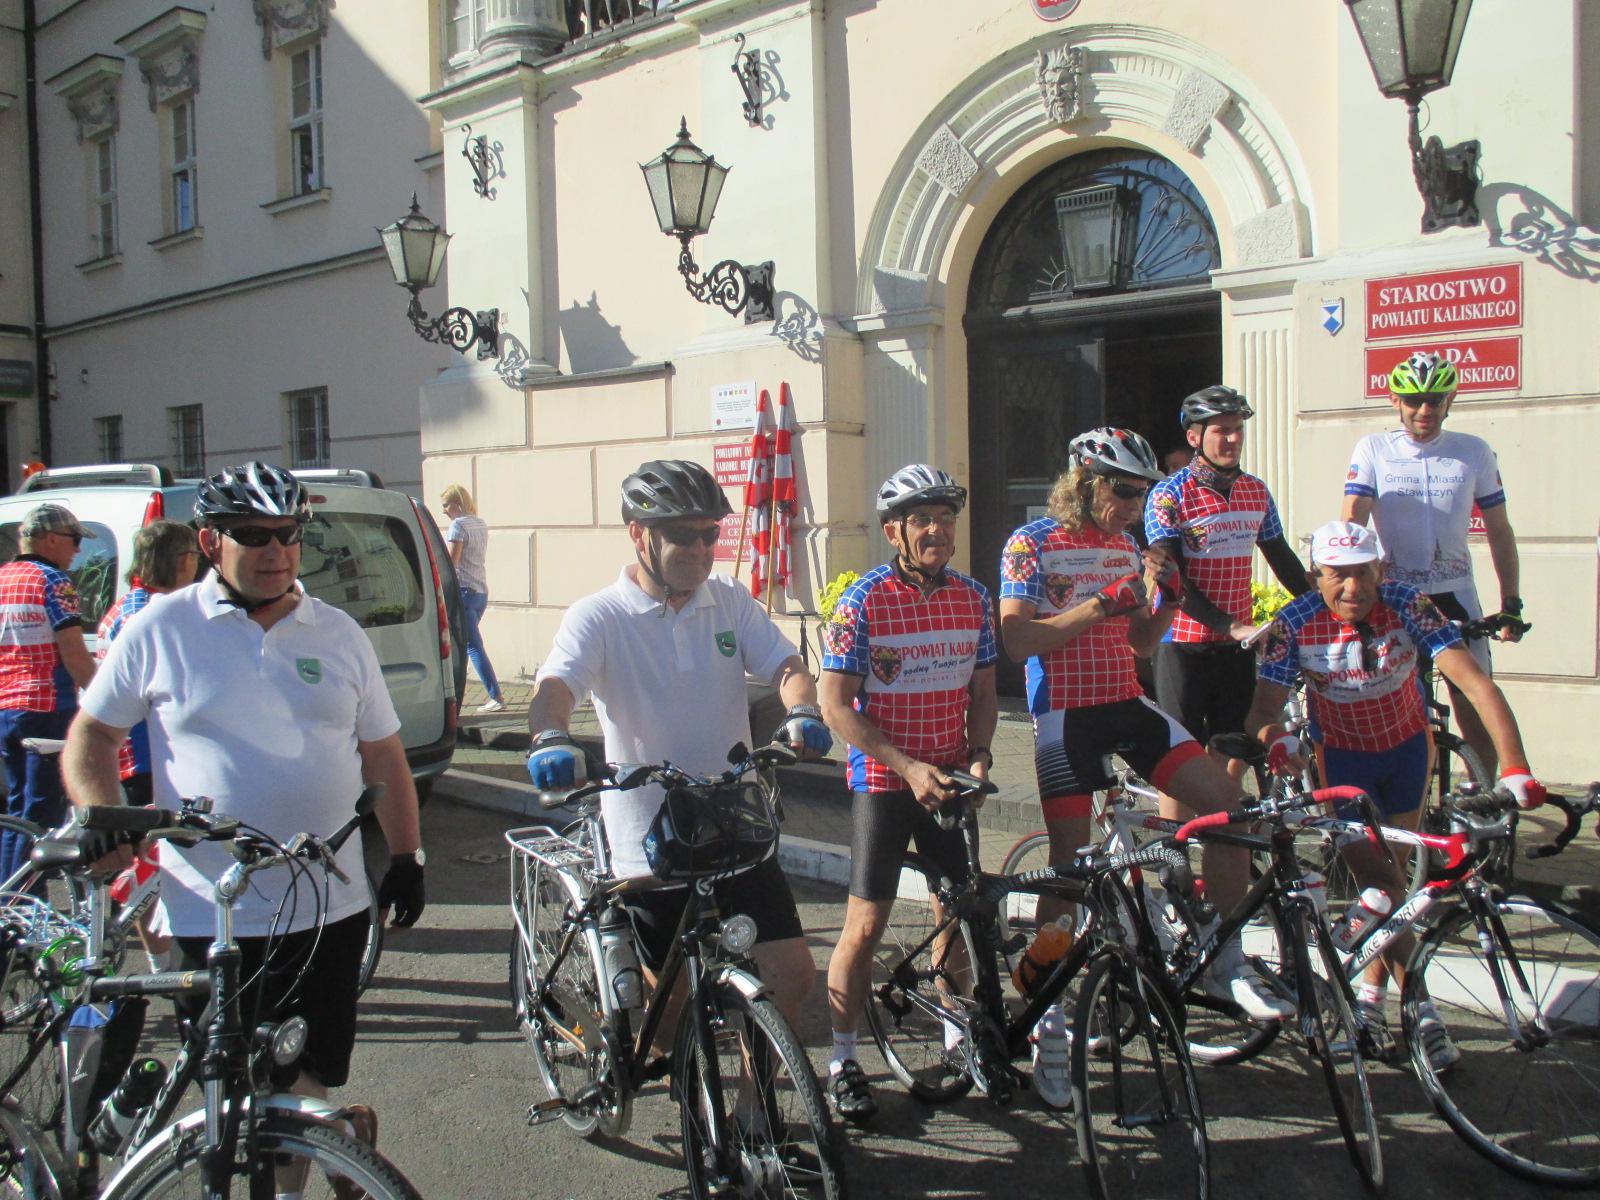 rowerzyści - Danuta Synkiewicz